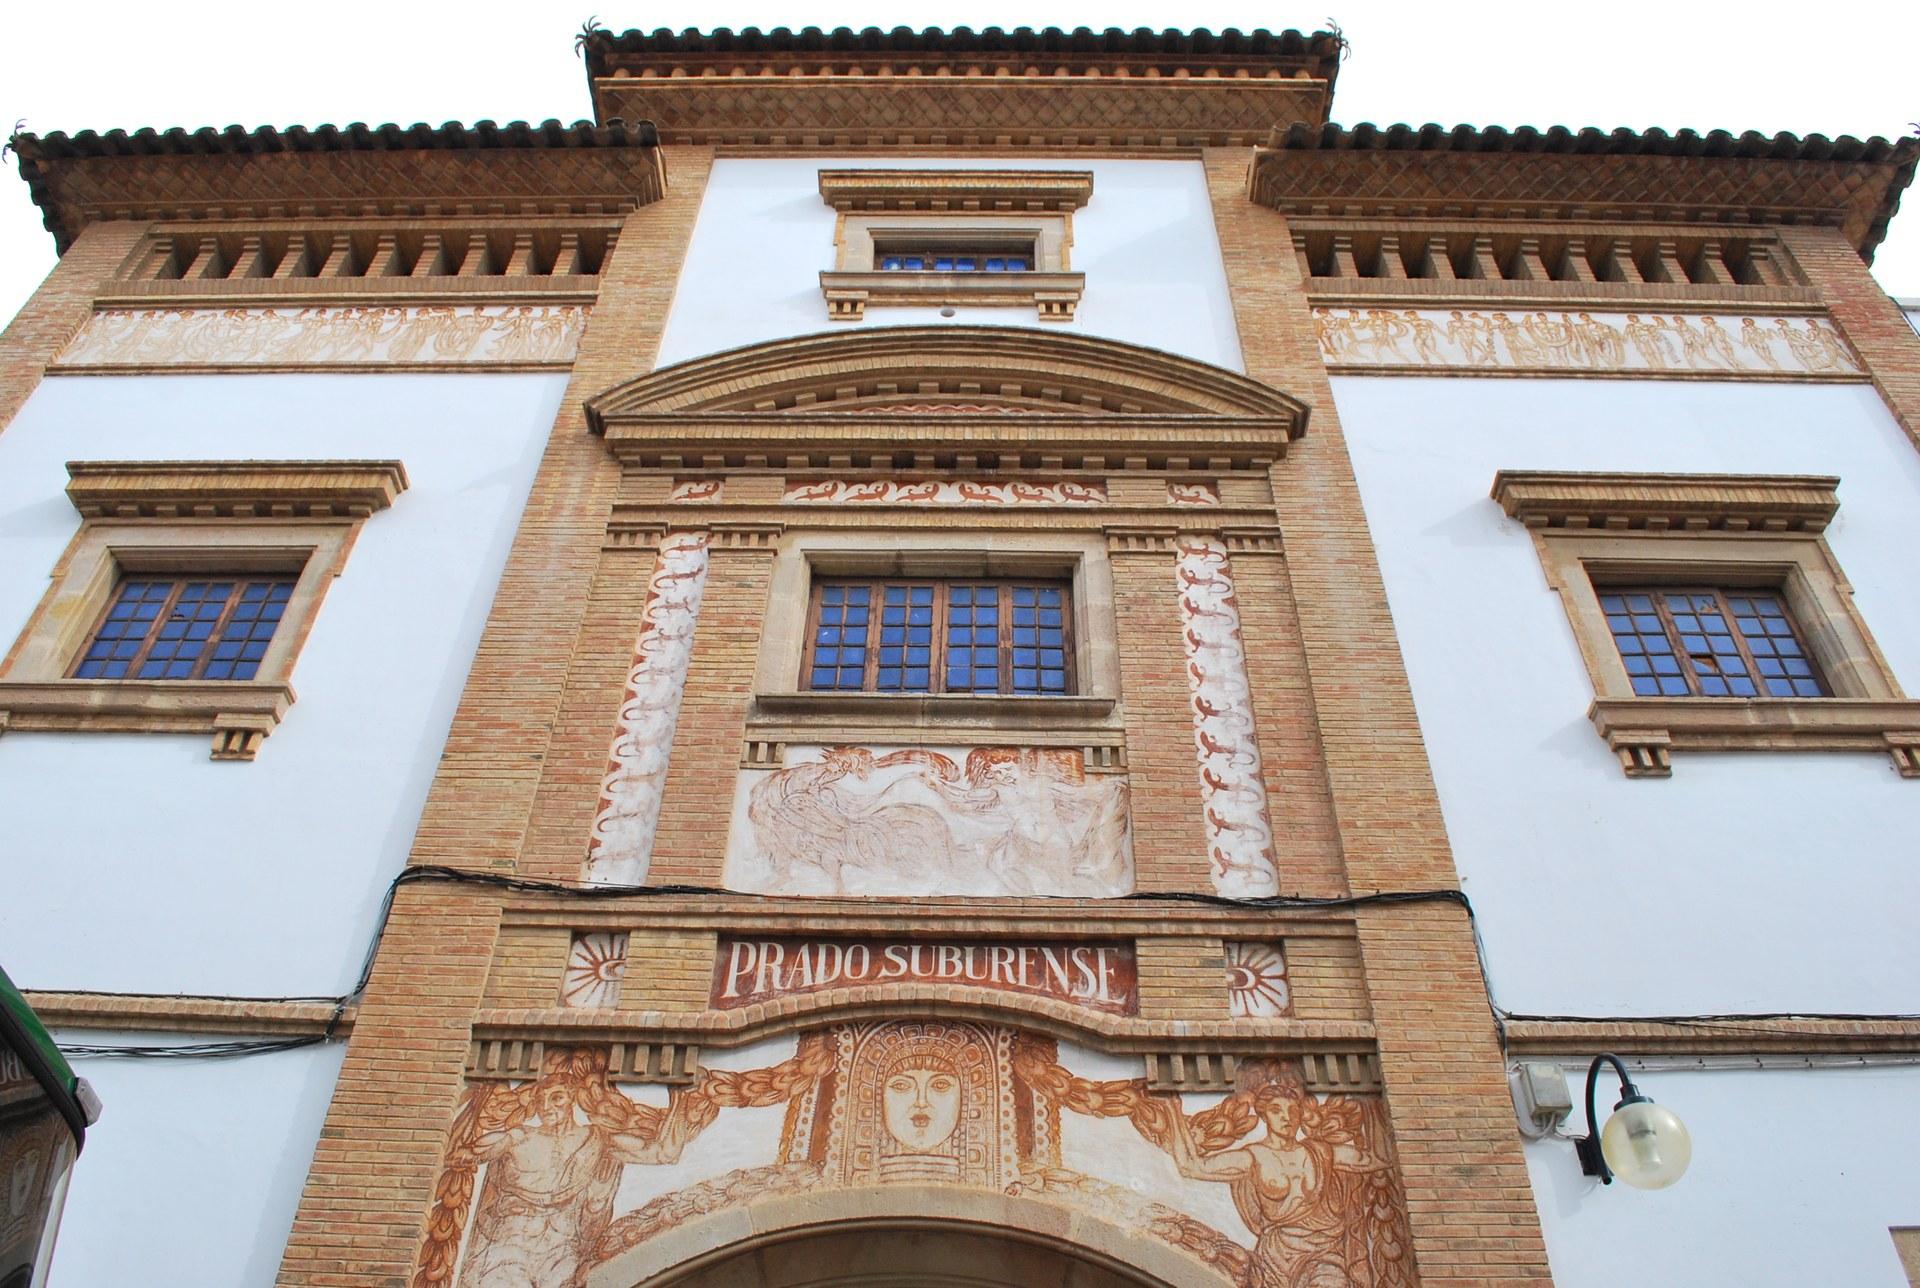 Commemoració 150 anys 1869-2019 de la col·locació de la primera pedra de l'edifici del Casino Prado Suburense